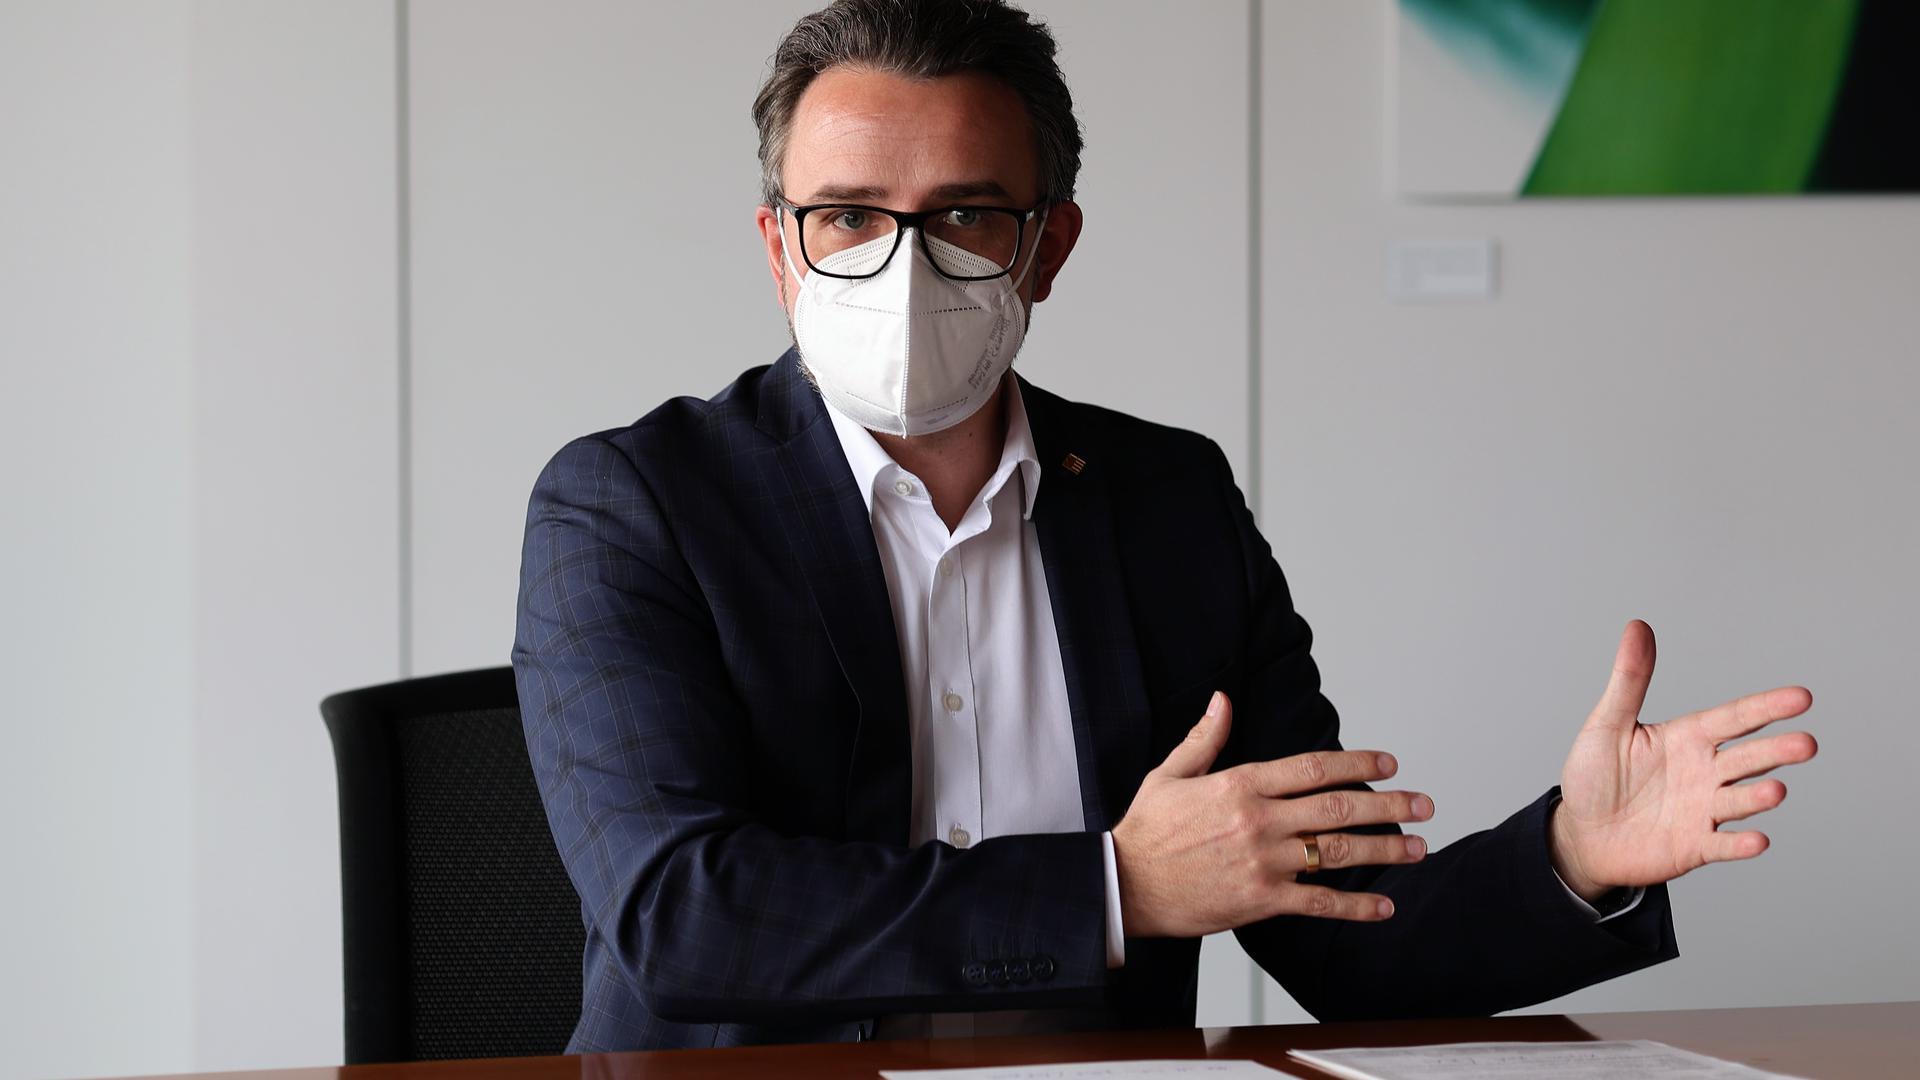 Pforzheims Oberbürgermeister Peter Boch (CDU) informiert am Freitag im Rathaus über eine bevorstehende Kundgebung der rechtsextremen NPD.